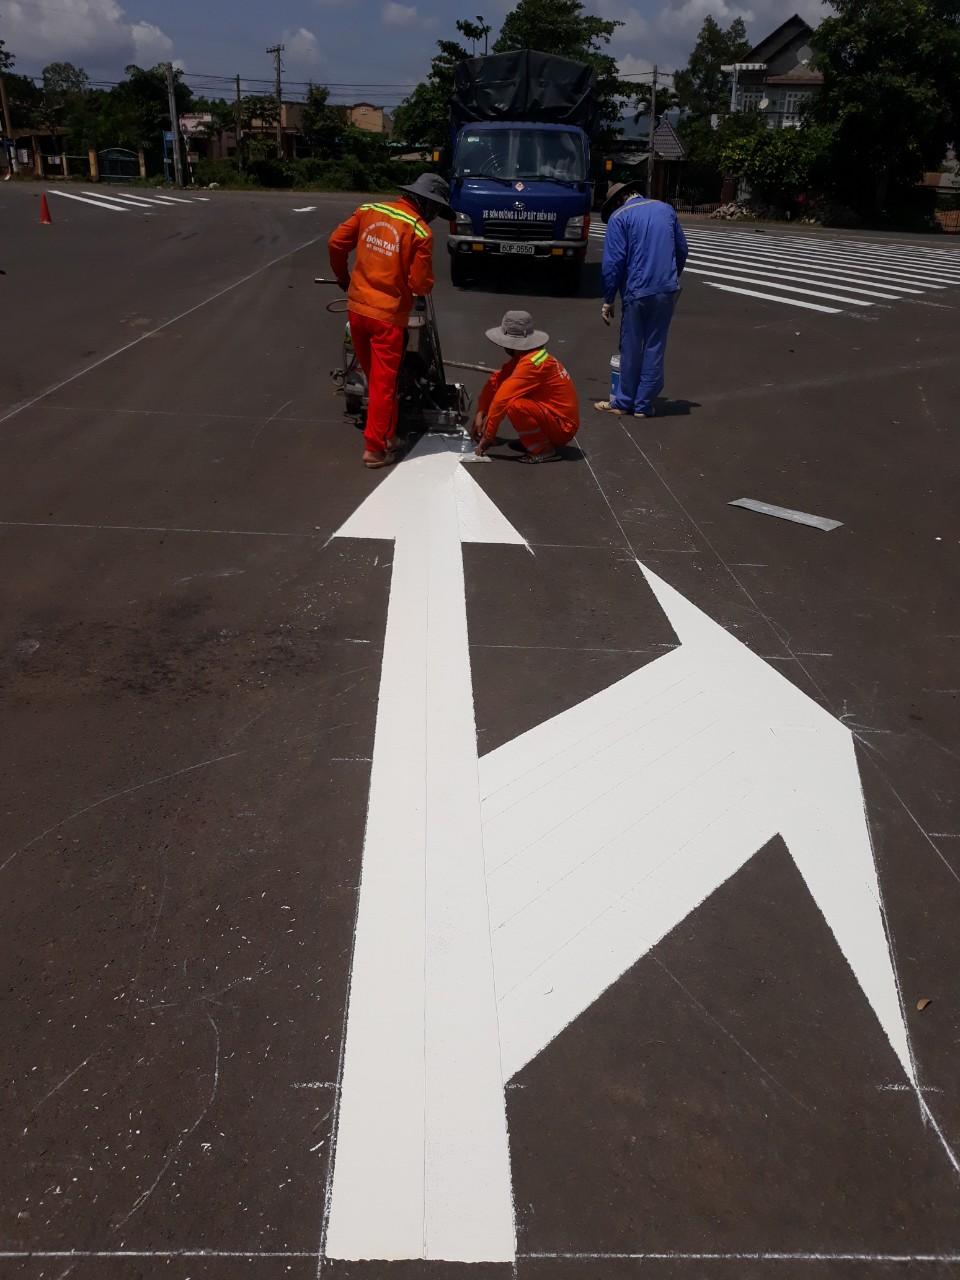 Sơn nguội phản quang sử dụng sơn kẻ vạch giao thông hầu hết là dòng sơn giao thông phản quang hệ dung môi